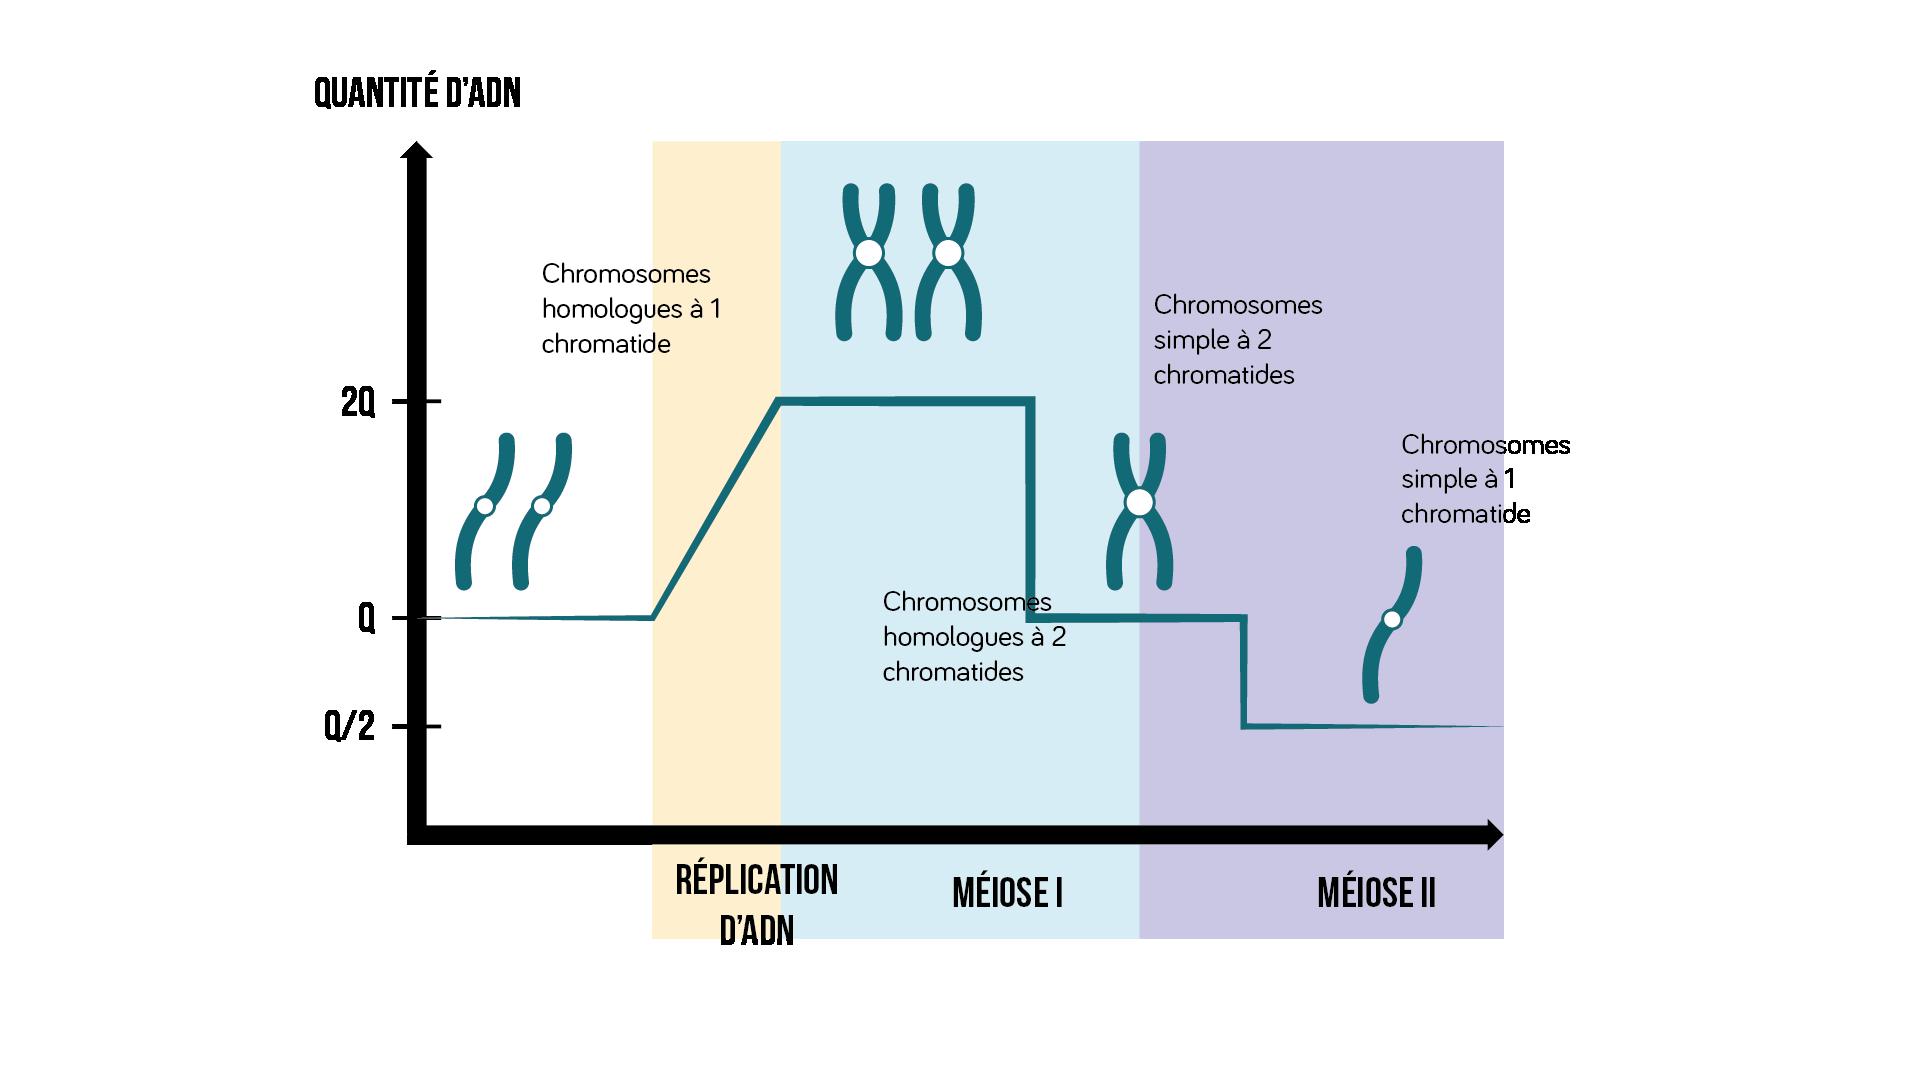 Les différentes étapes de la méiose